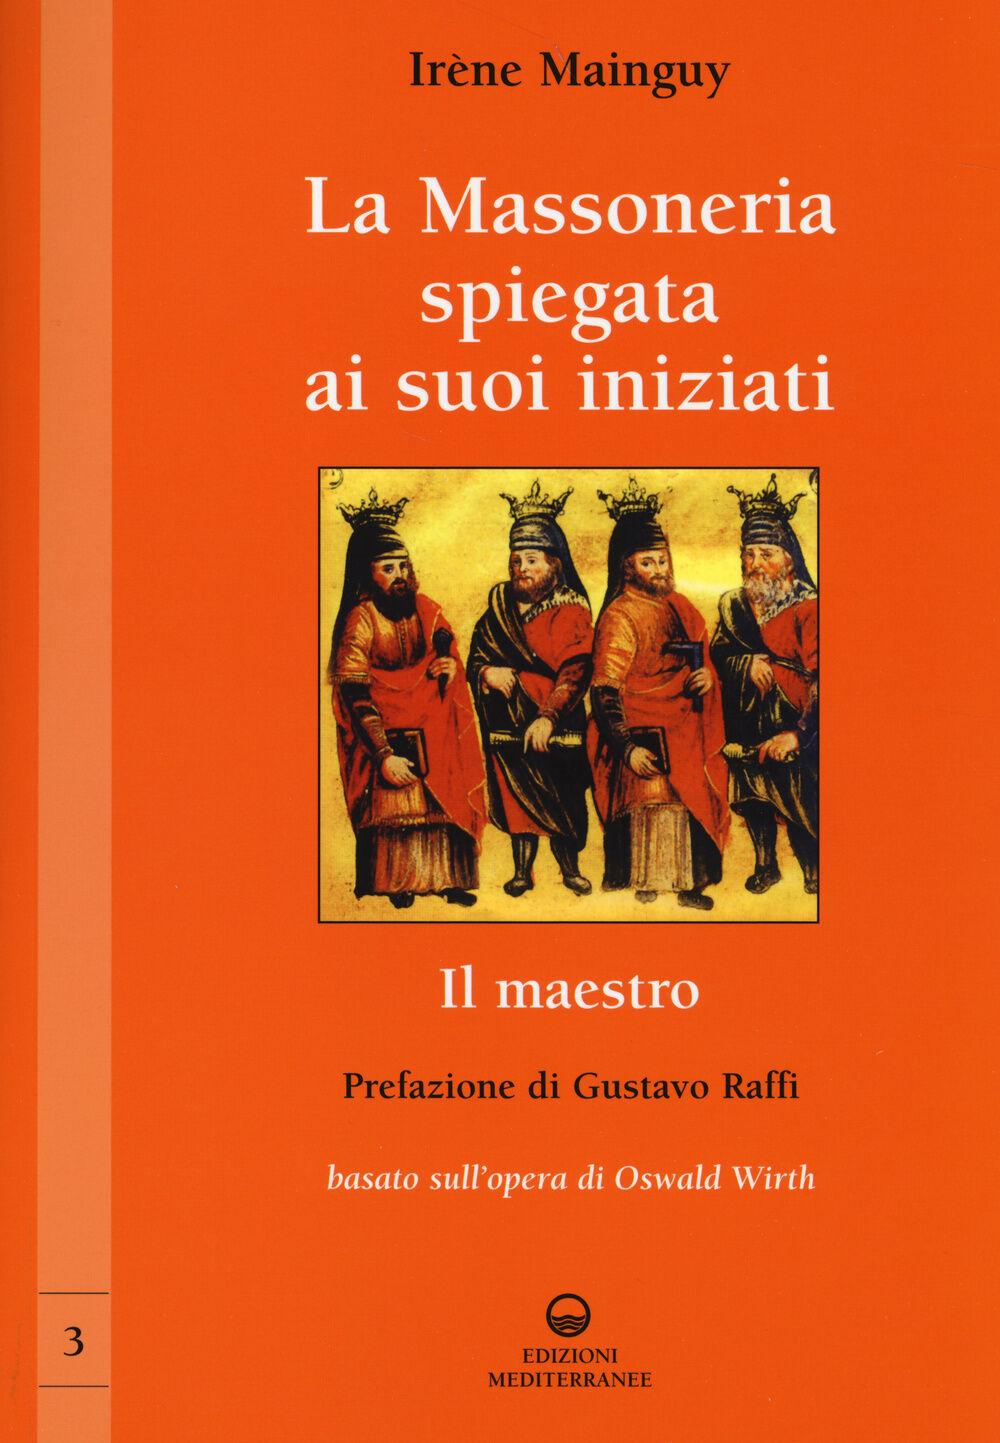 La massoneria spiegata ai suoi iniziati. Vol. 3: Il maestro. Basato sull'opera di Oswald Wirth.